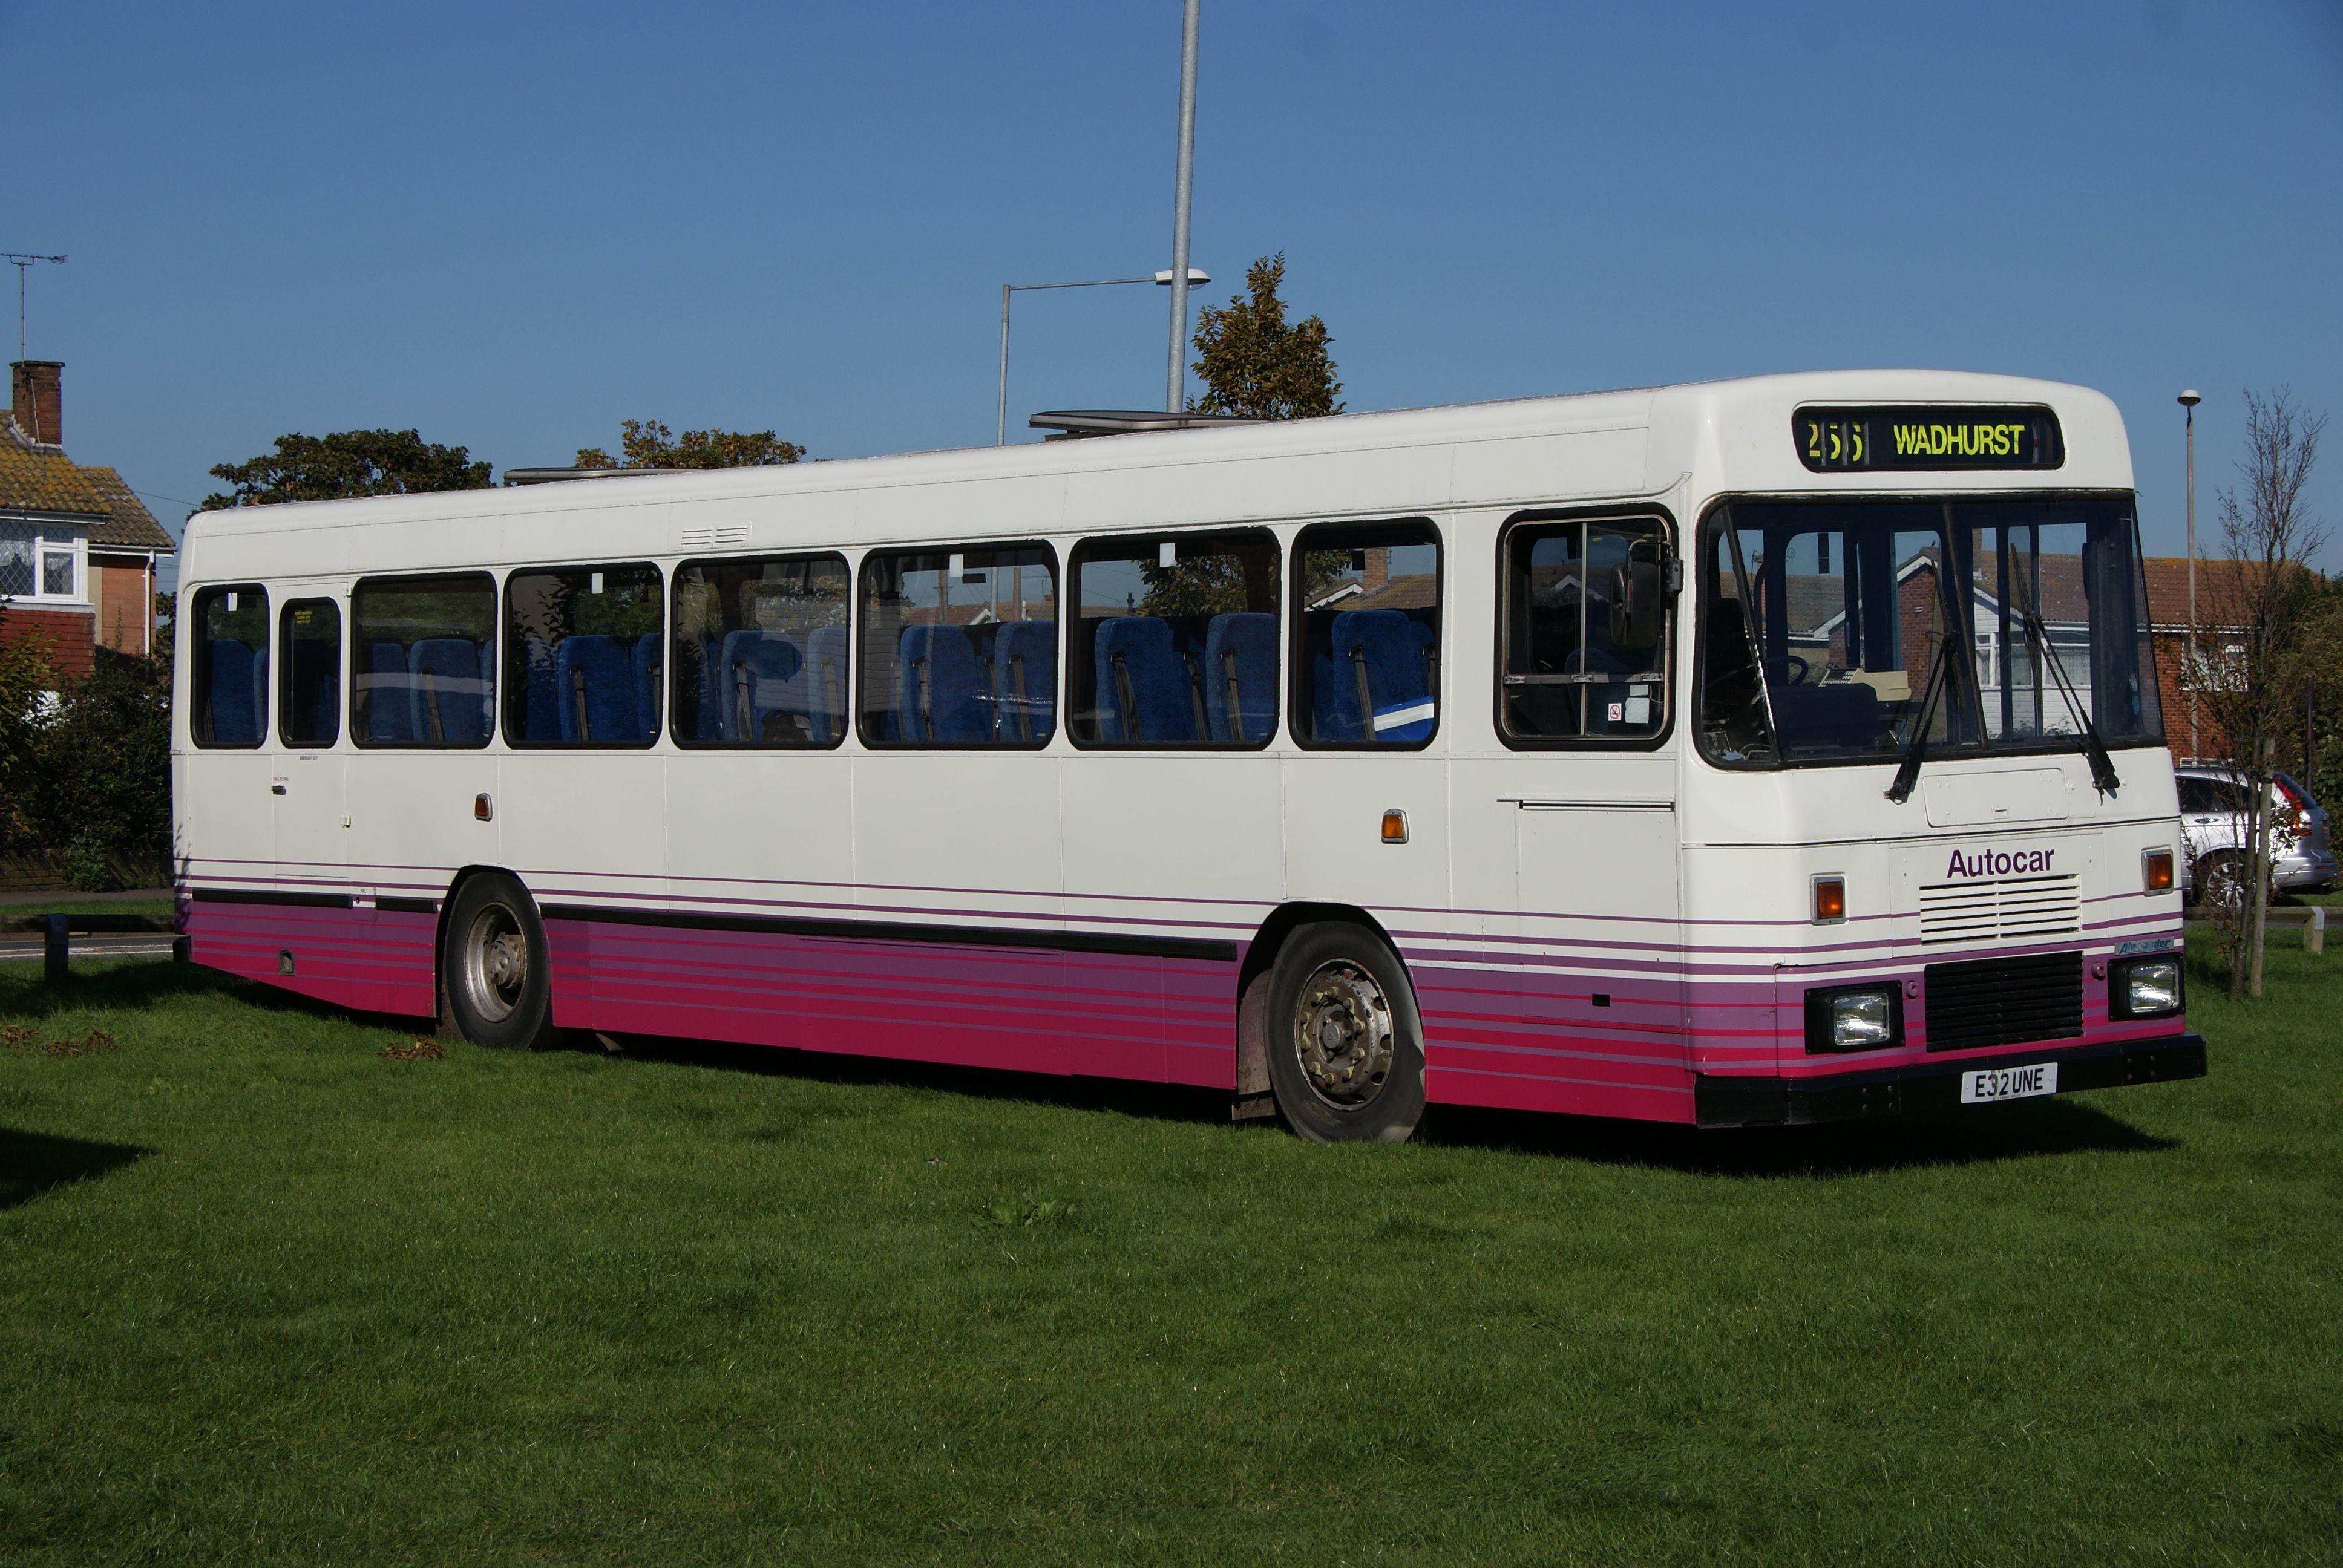 File Autocar Bus E32 Une 2017 Castle Point Transport Museum Show